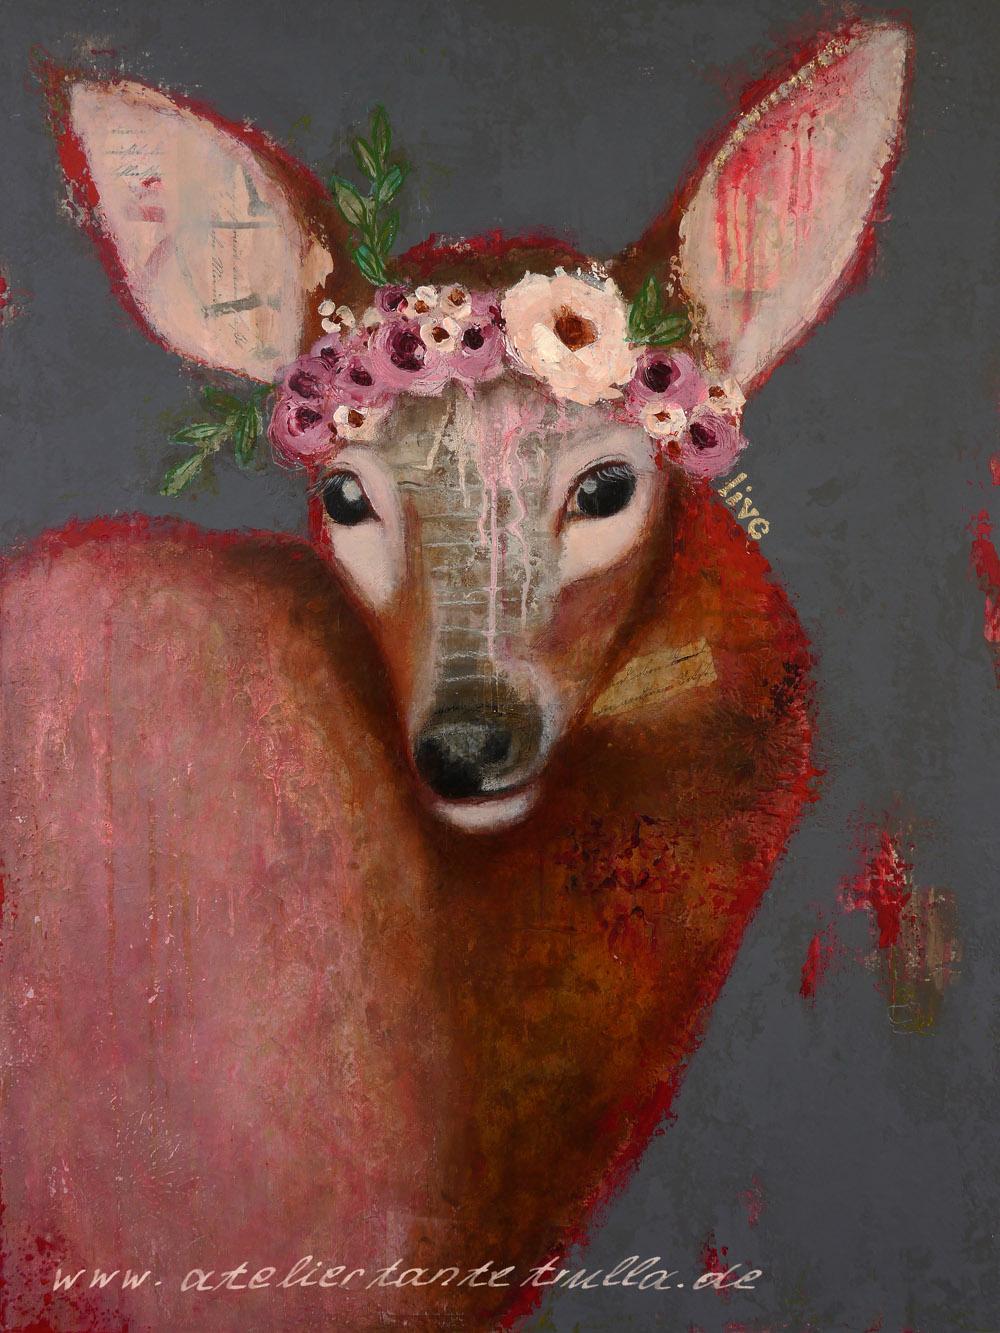 grau rotes Gemälde Reh mit Blumen von Conni Altmann www.ateliertantetrulla.de